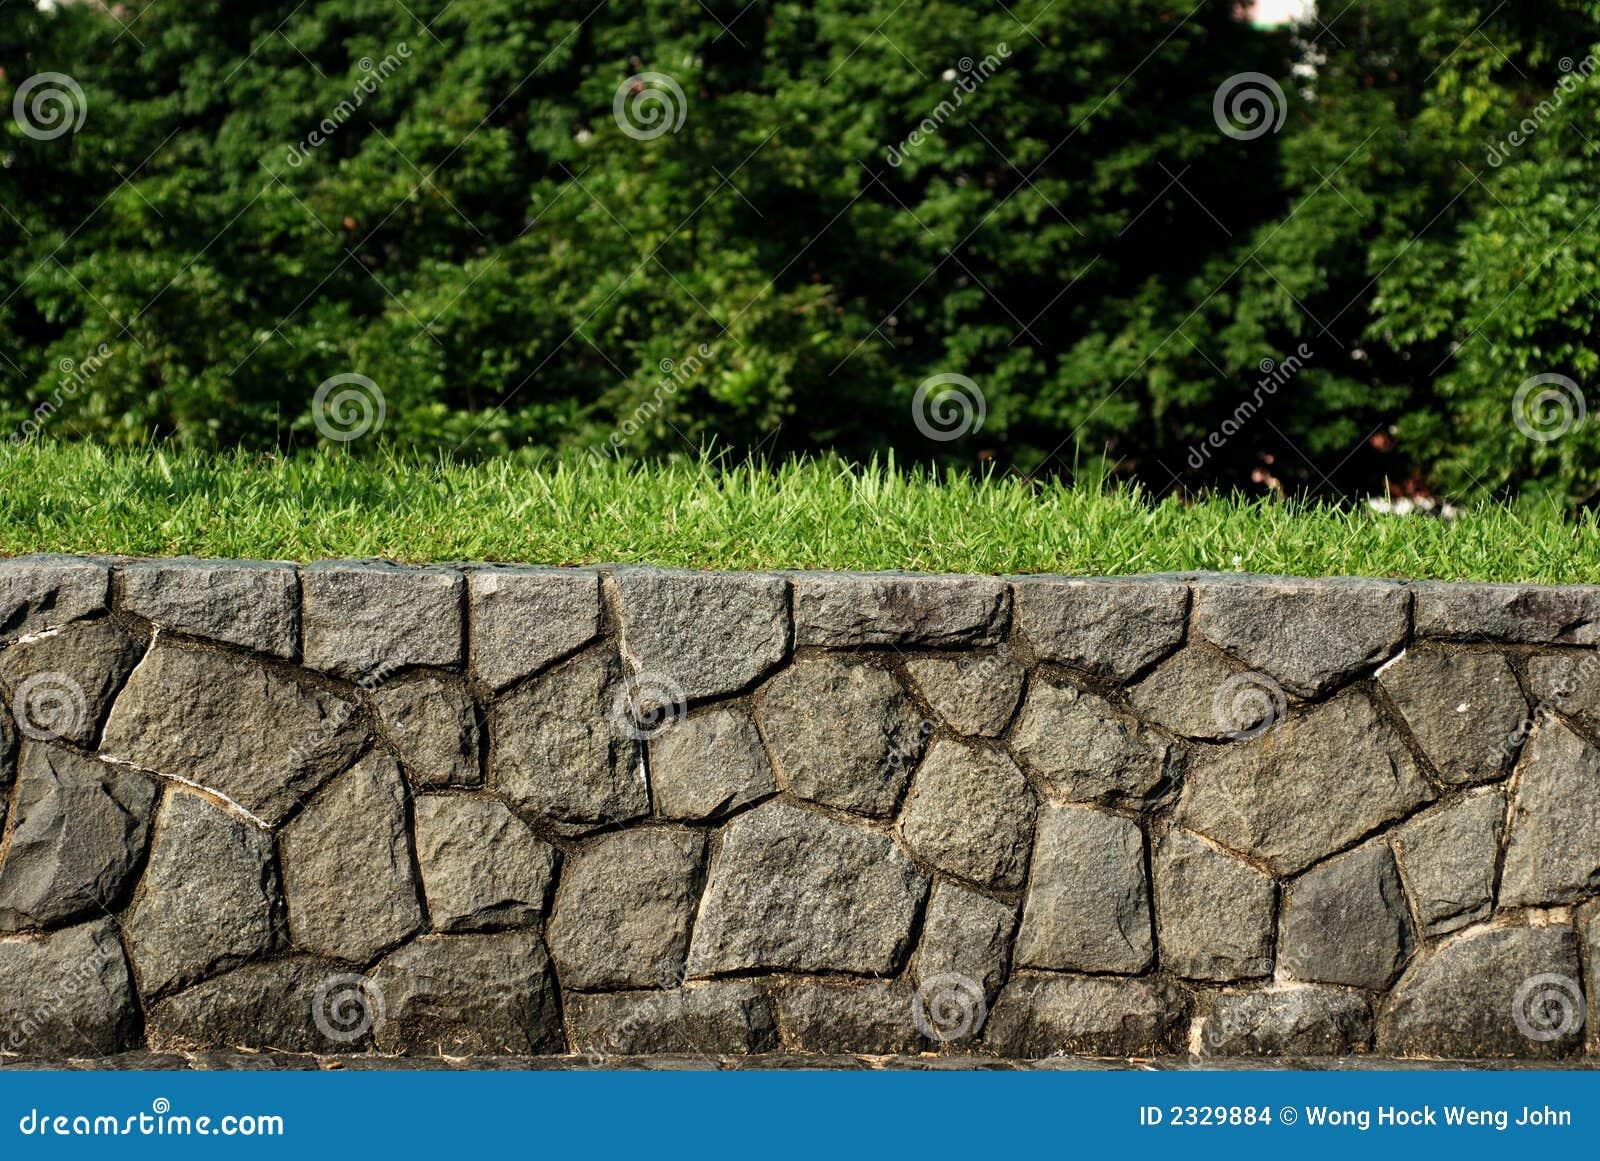 Paredes de piedra y rboles imagenes de archivo imagen 2329884 - Fotos de paredes de piedra ...